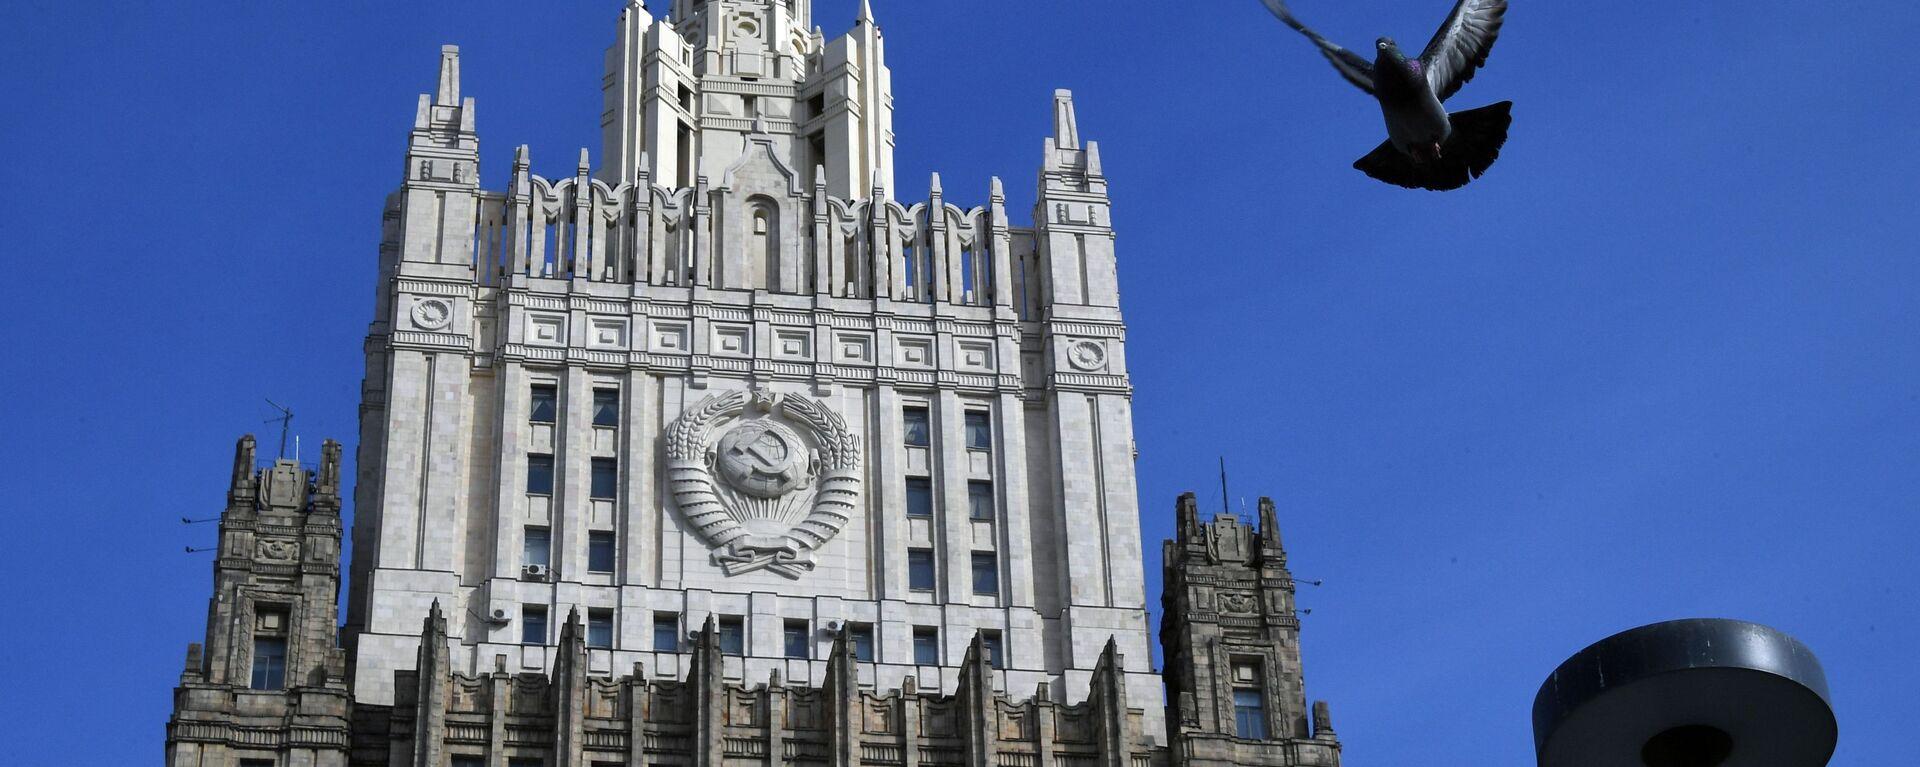 Ministerstvo zahraničí Ruska - Sputnik Česká republika, 1920, 15.01.2021